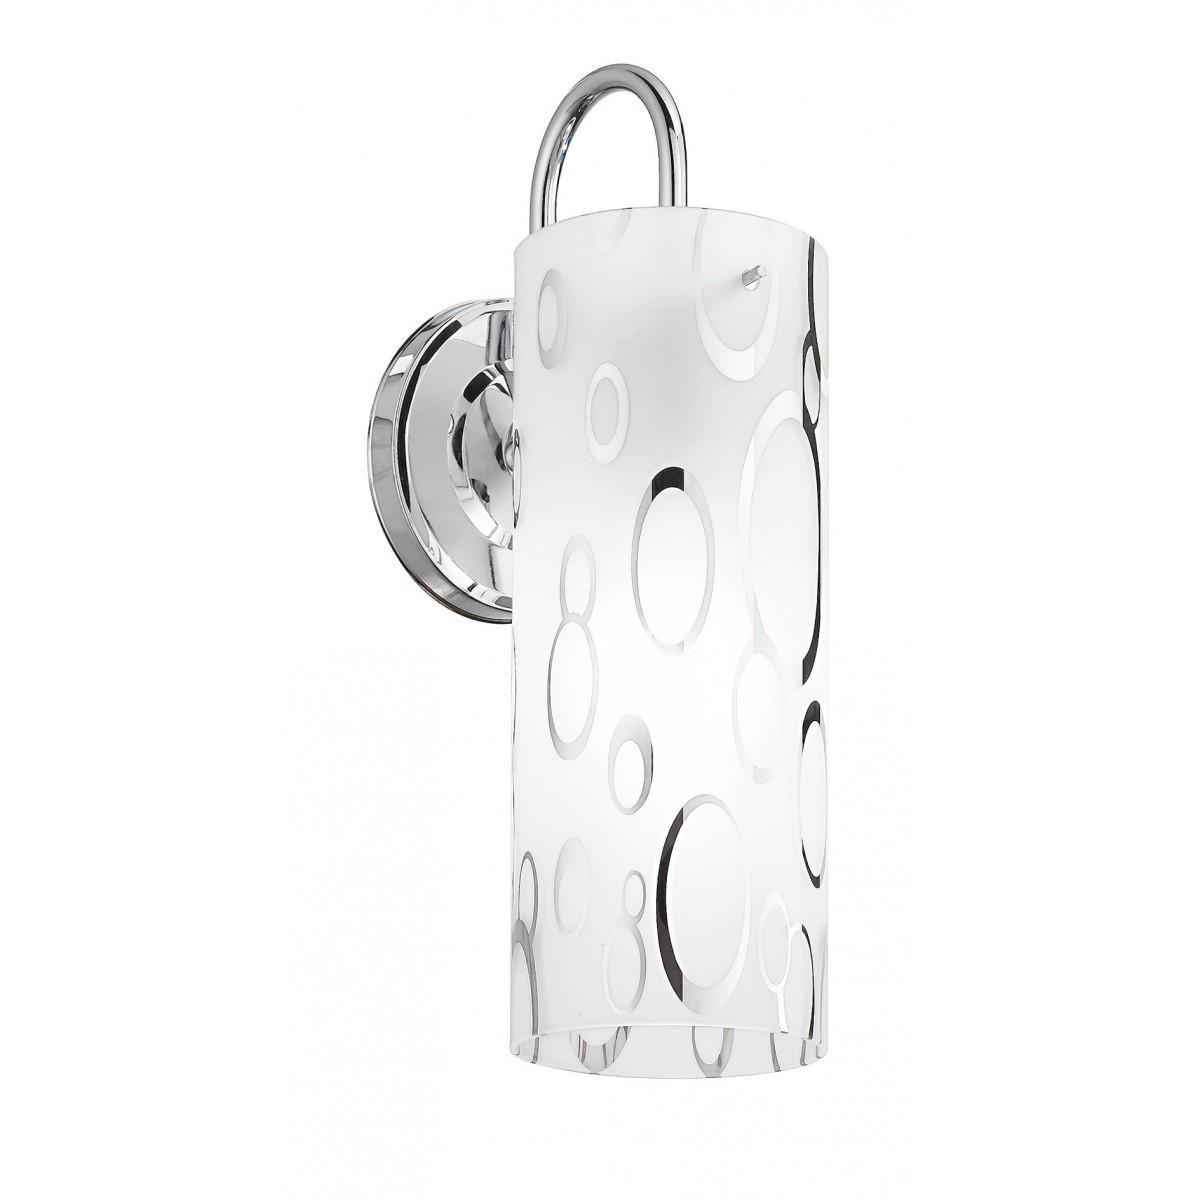 I-BUBBLE-CIL/AP - Applique Cilindrica Vetro Bianco Bolle Cromate Interno Moderno E27